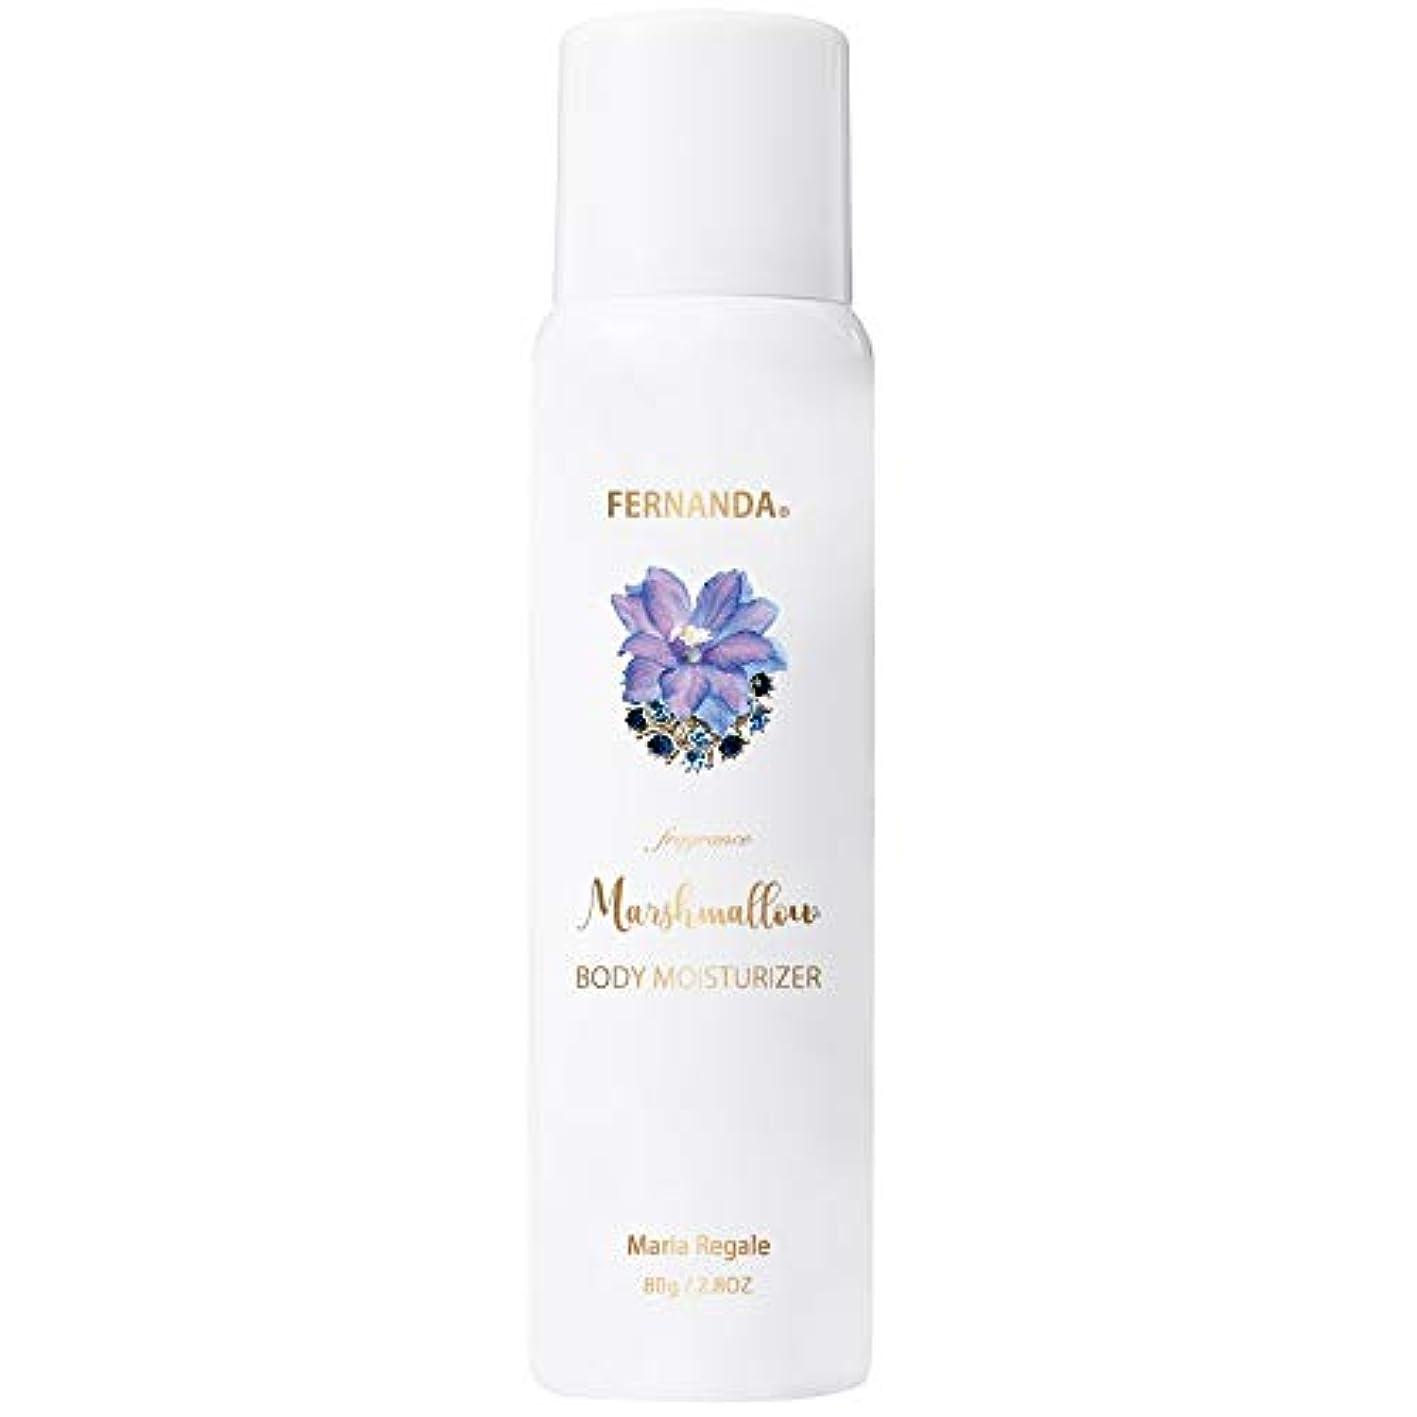 抗生物質不合格わなFERNANDA(フェルナンダ) Marshmallow Body Moisturizer Maria Regale (マシュマロ ボディ モイスチャライザー マリアリゲル)